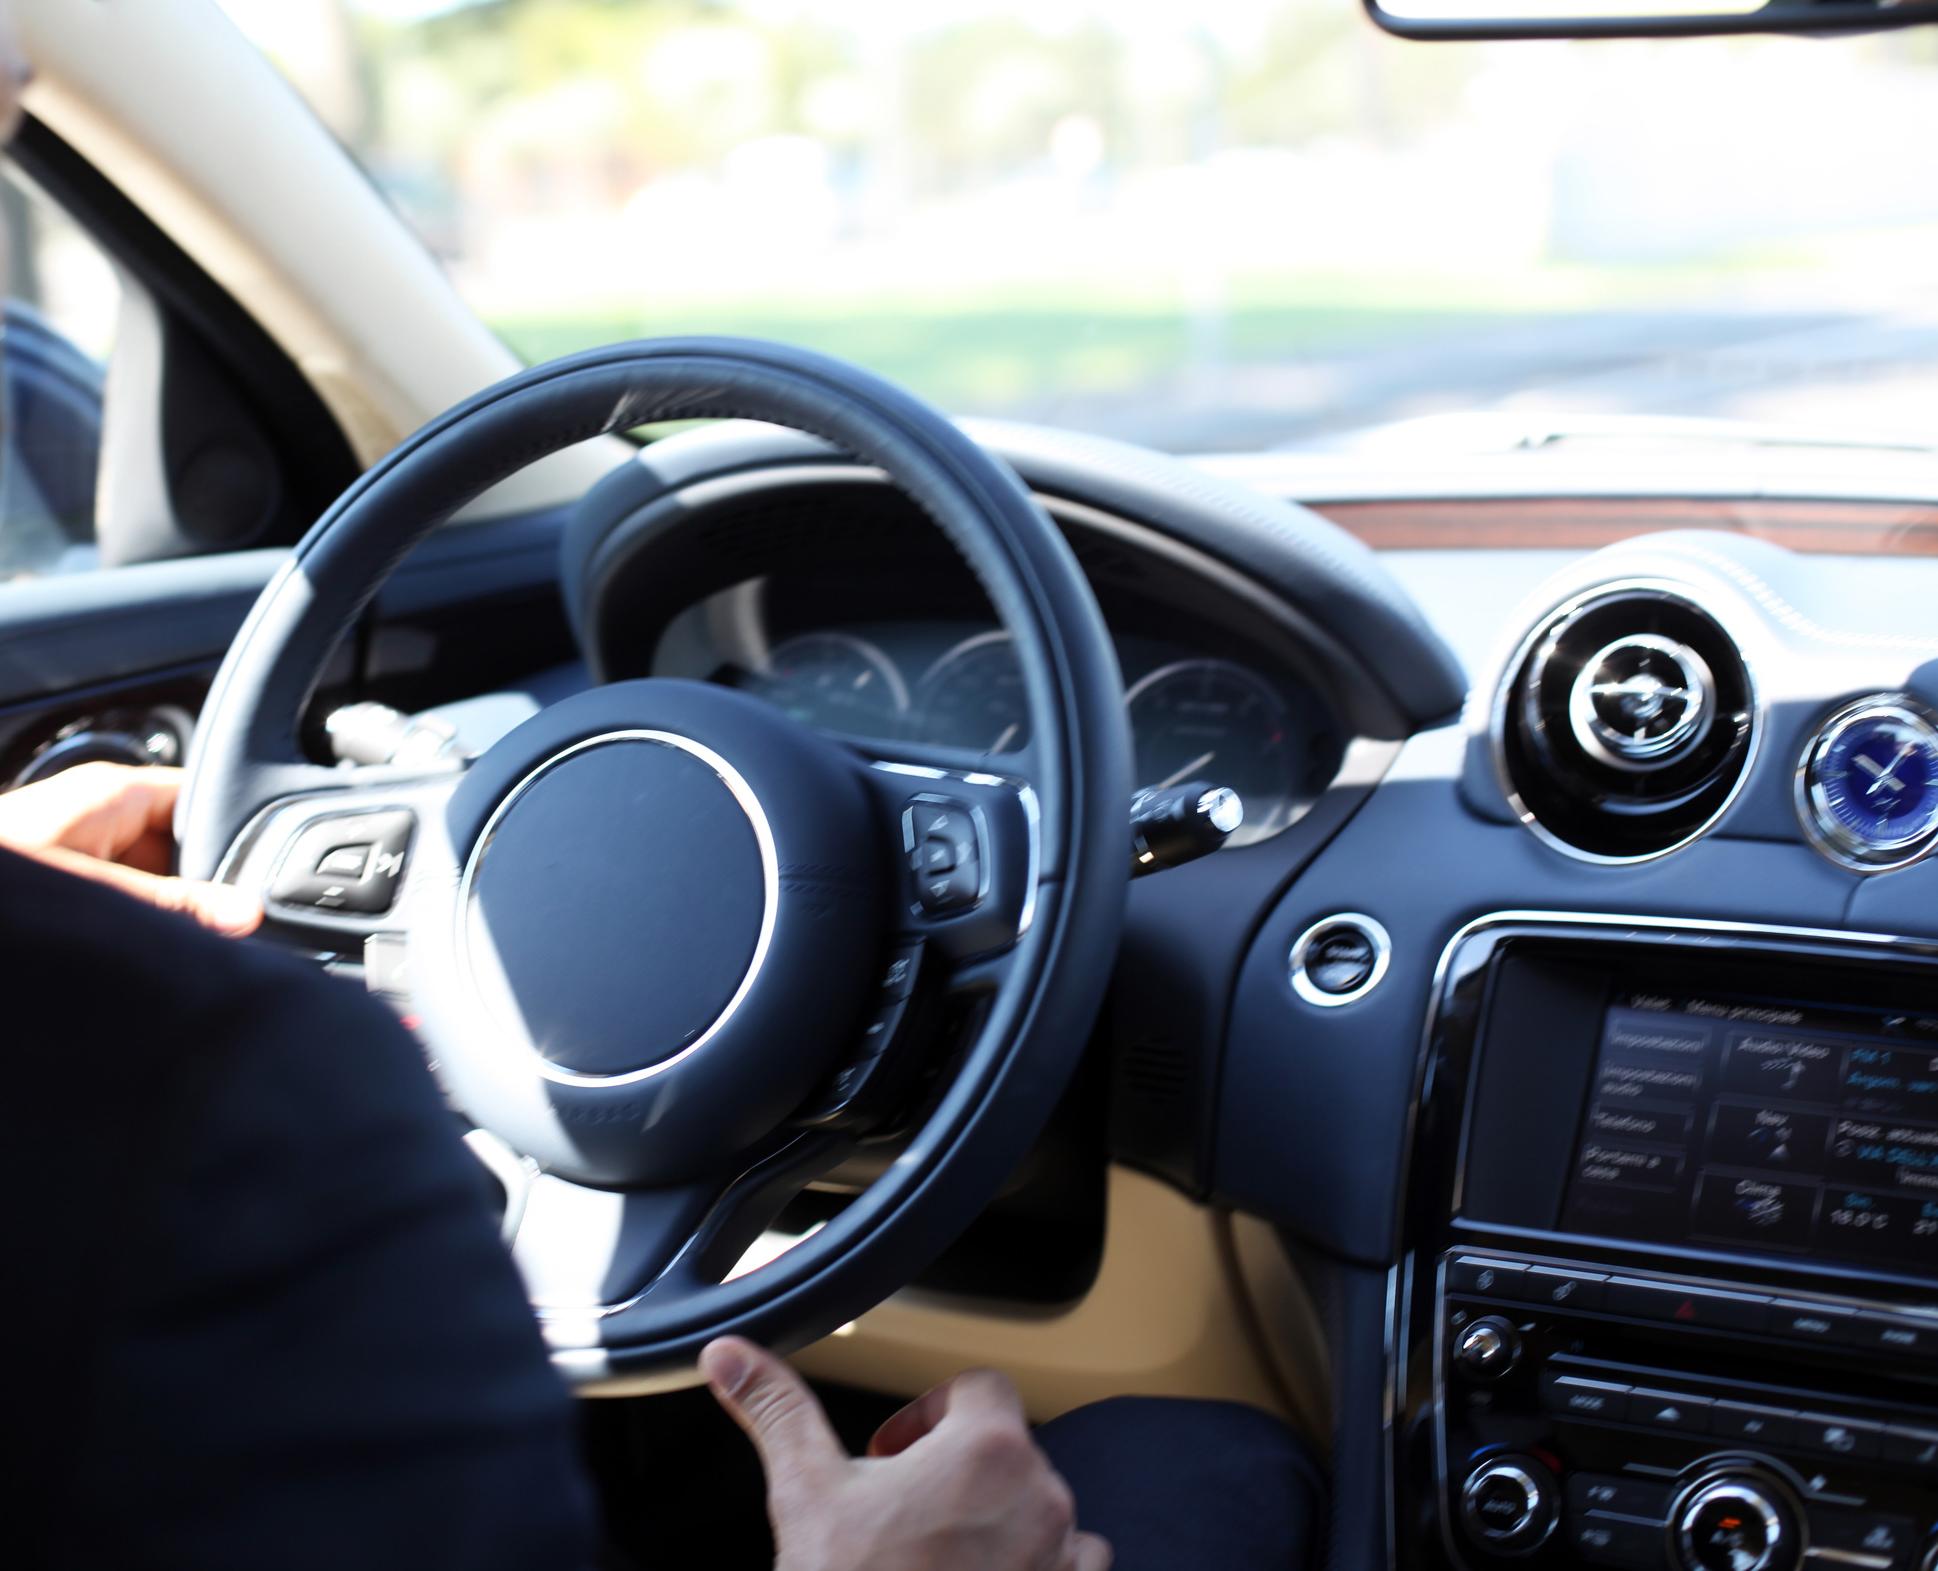 gestion de parc fullcar fleet mobility externalisation de services automobiles. Black Bedroom Furniture Sets. Home Design Ideas